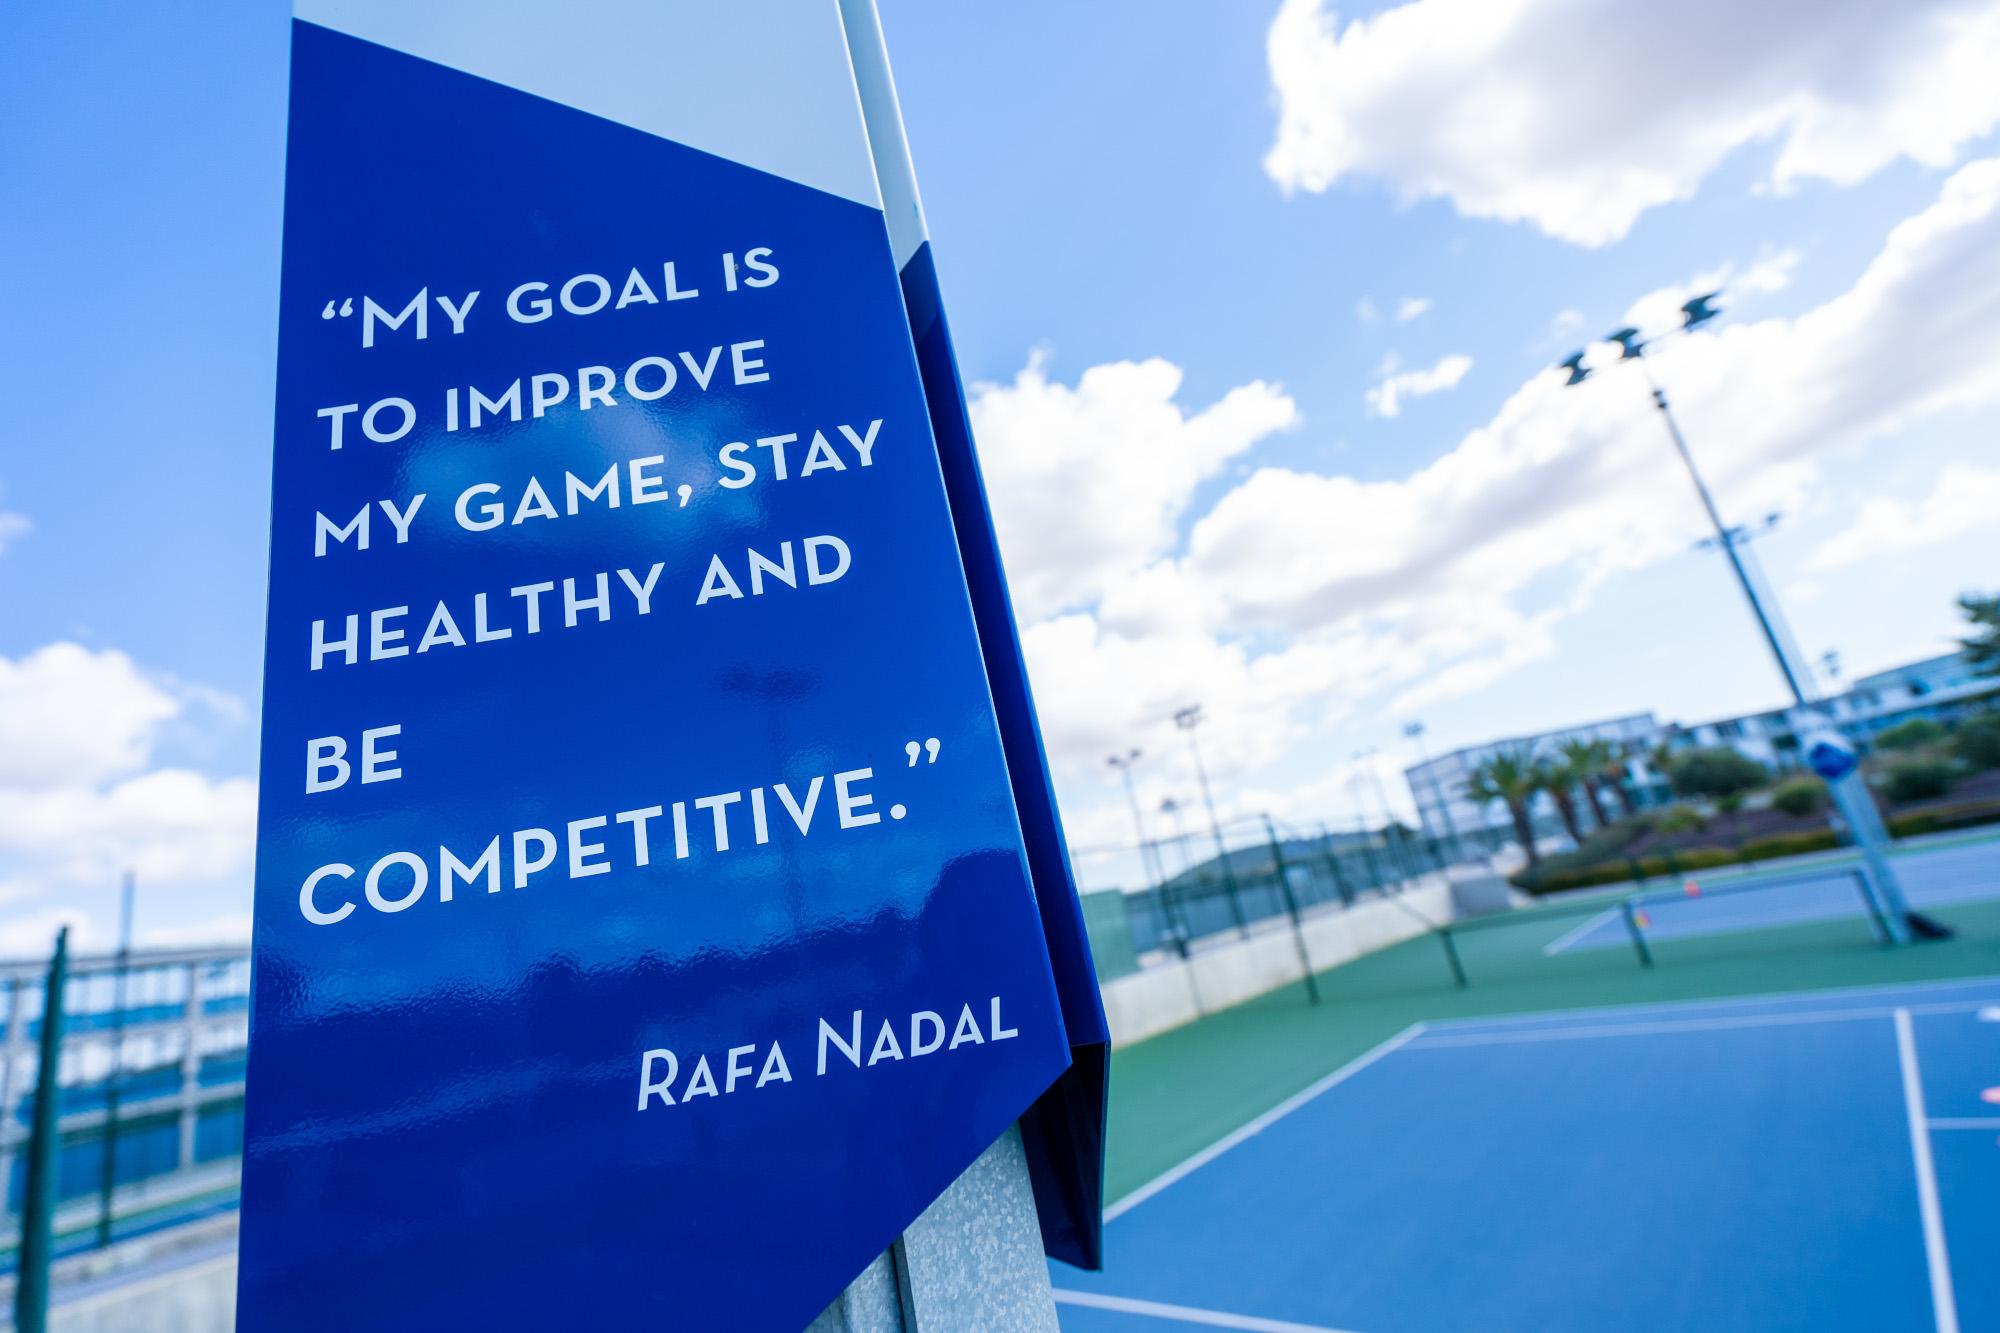 La Rafa Nadal Academy by Movistar, un ejemplo de seguridad, confianza y bienestar